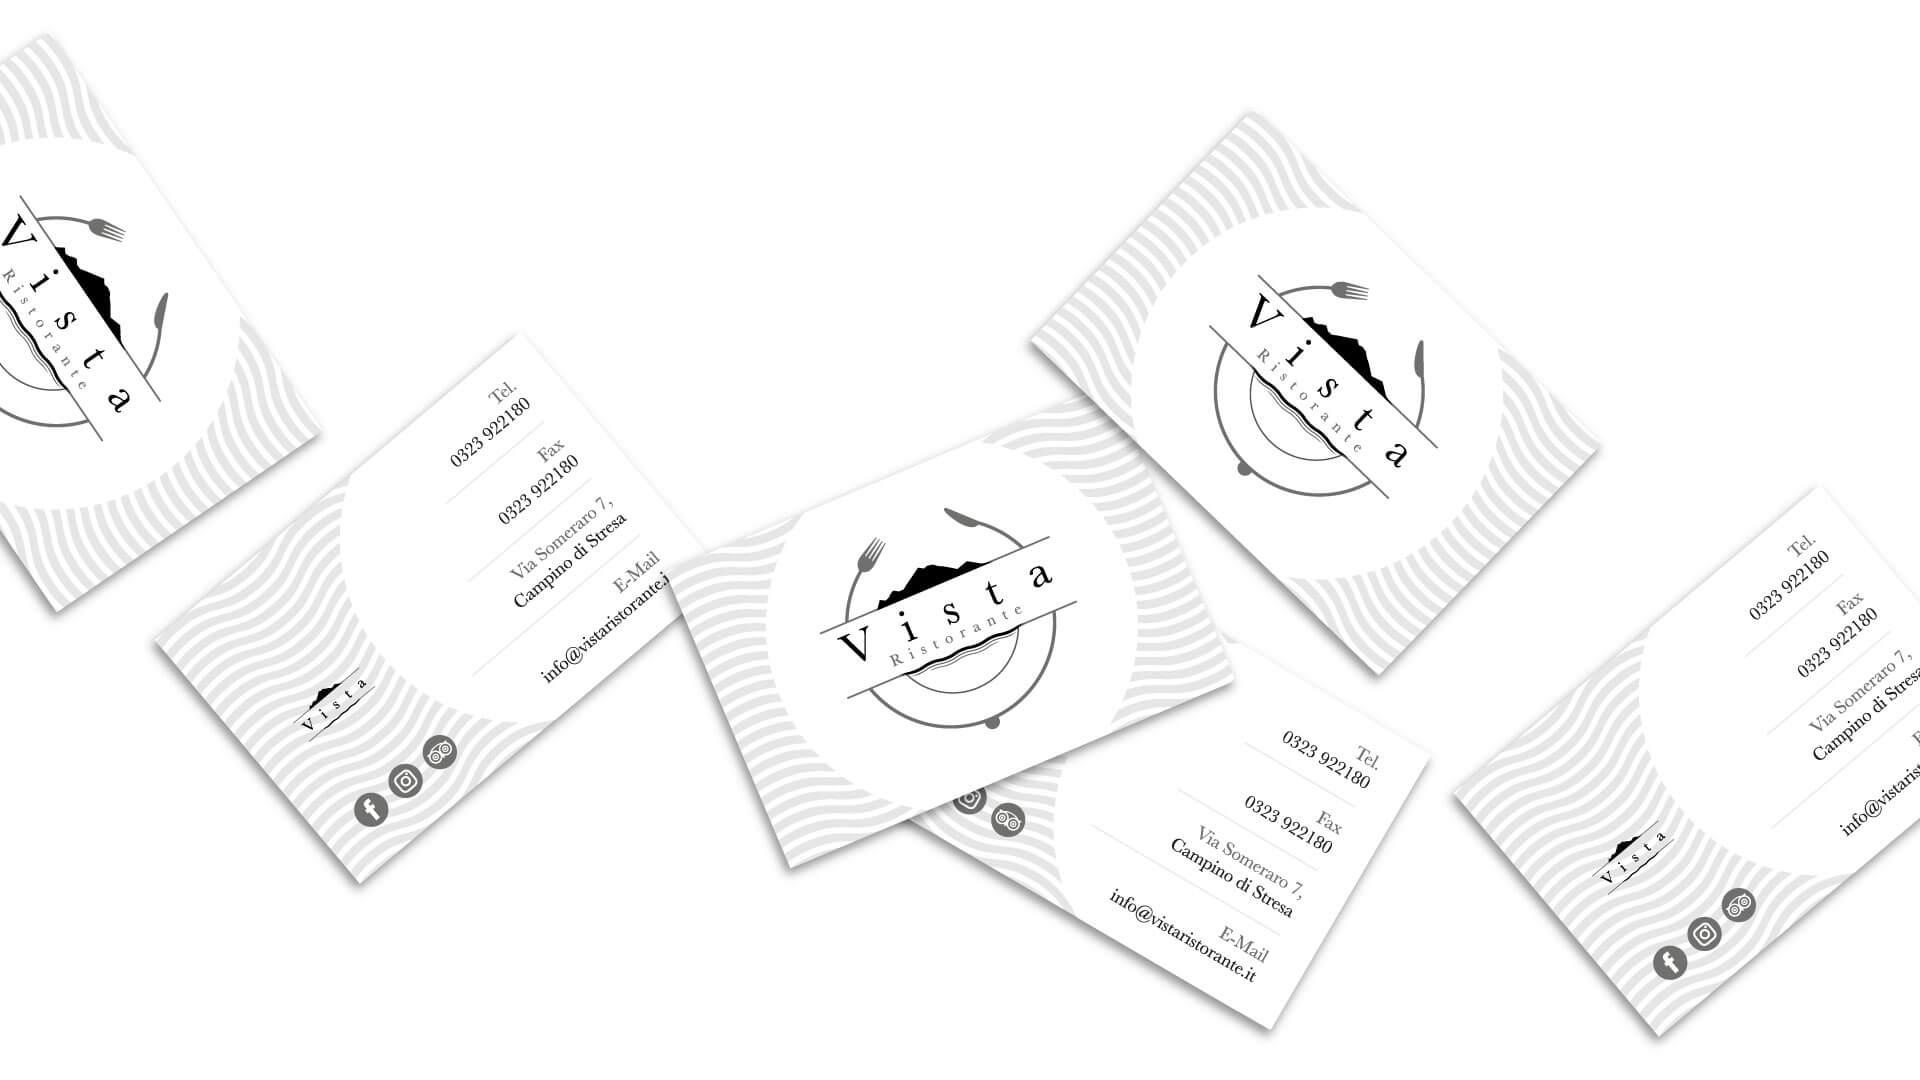 sei biglietti da visita di colore bianco con il logo e brand identity design del logo Vista Ristorate su sfondo bianco